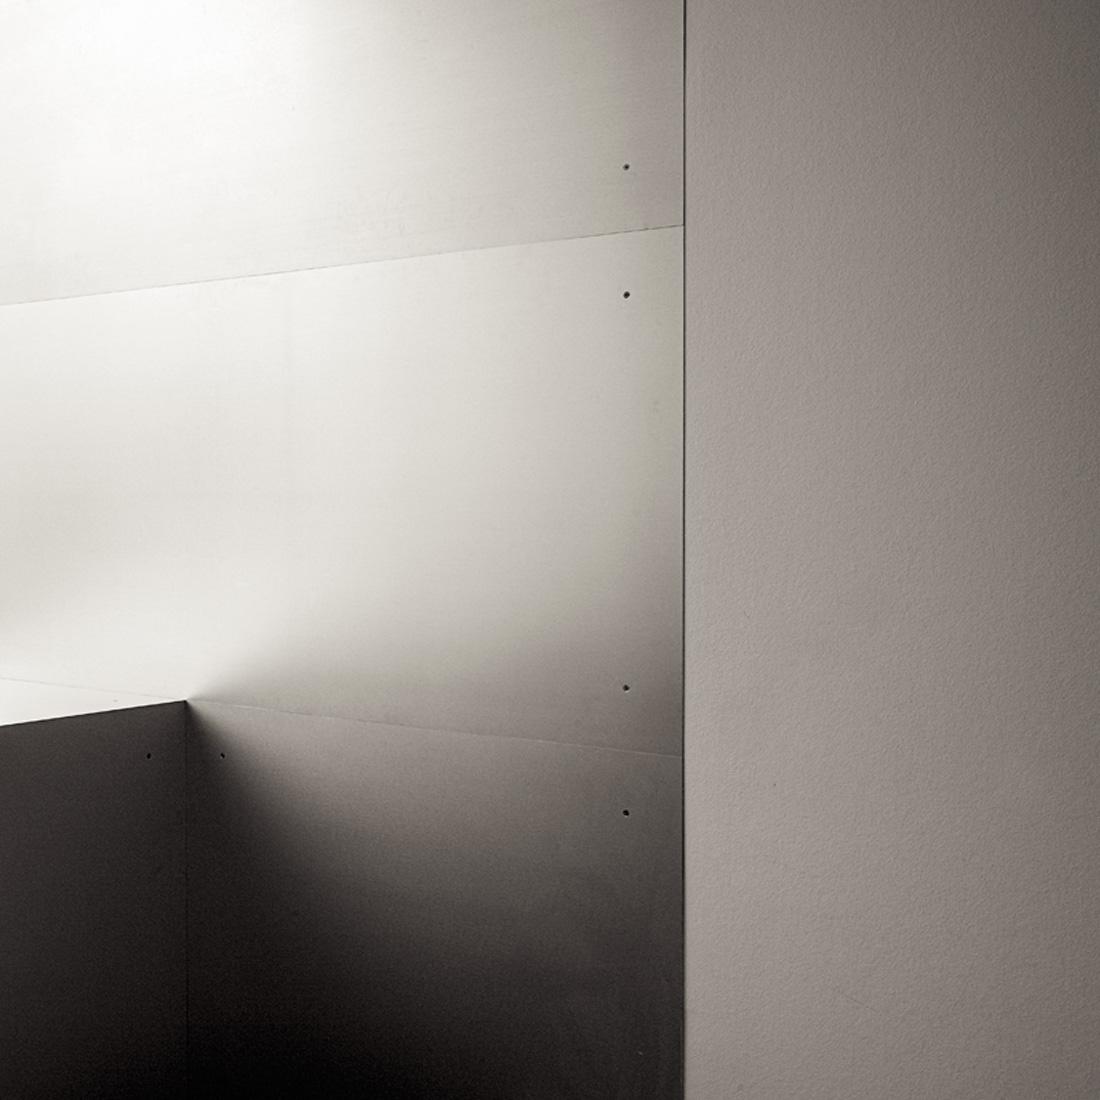 estudio 7389. bellas artes. Oviedo. 2016 - ELOGIO DE LA SOMBRA.-praise in the shadow-.2017 - senén merino, photograph